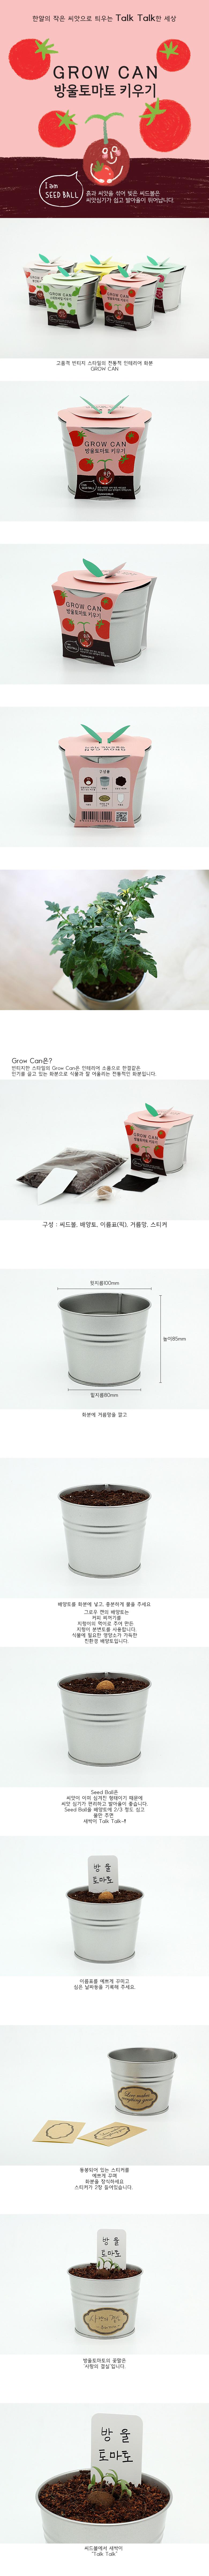 new그로우캔_방울토마토 - 틔움세상, 6,000원, 새싹/모종키우기, 새싹 키우기